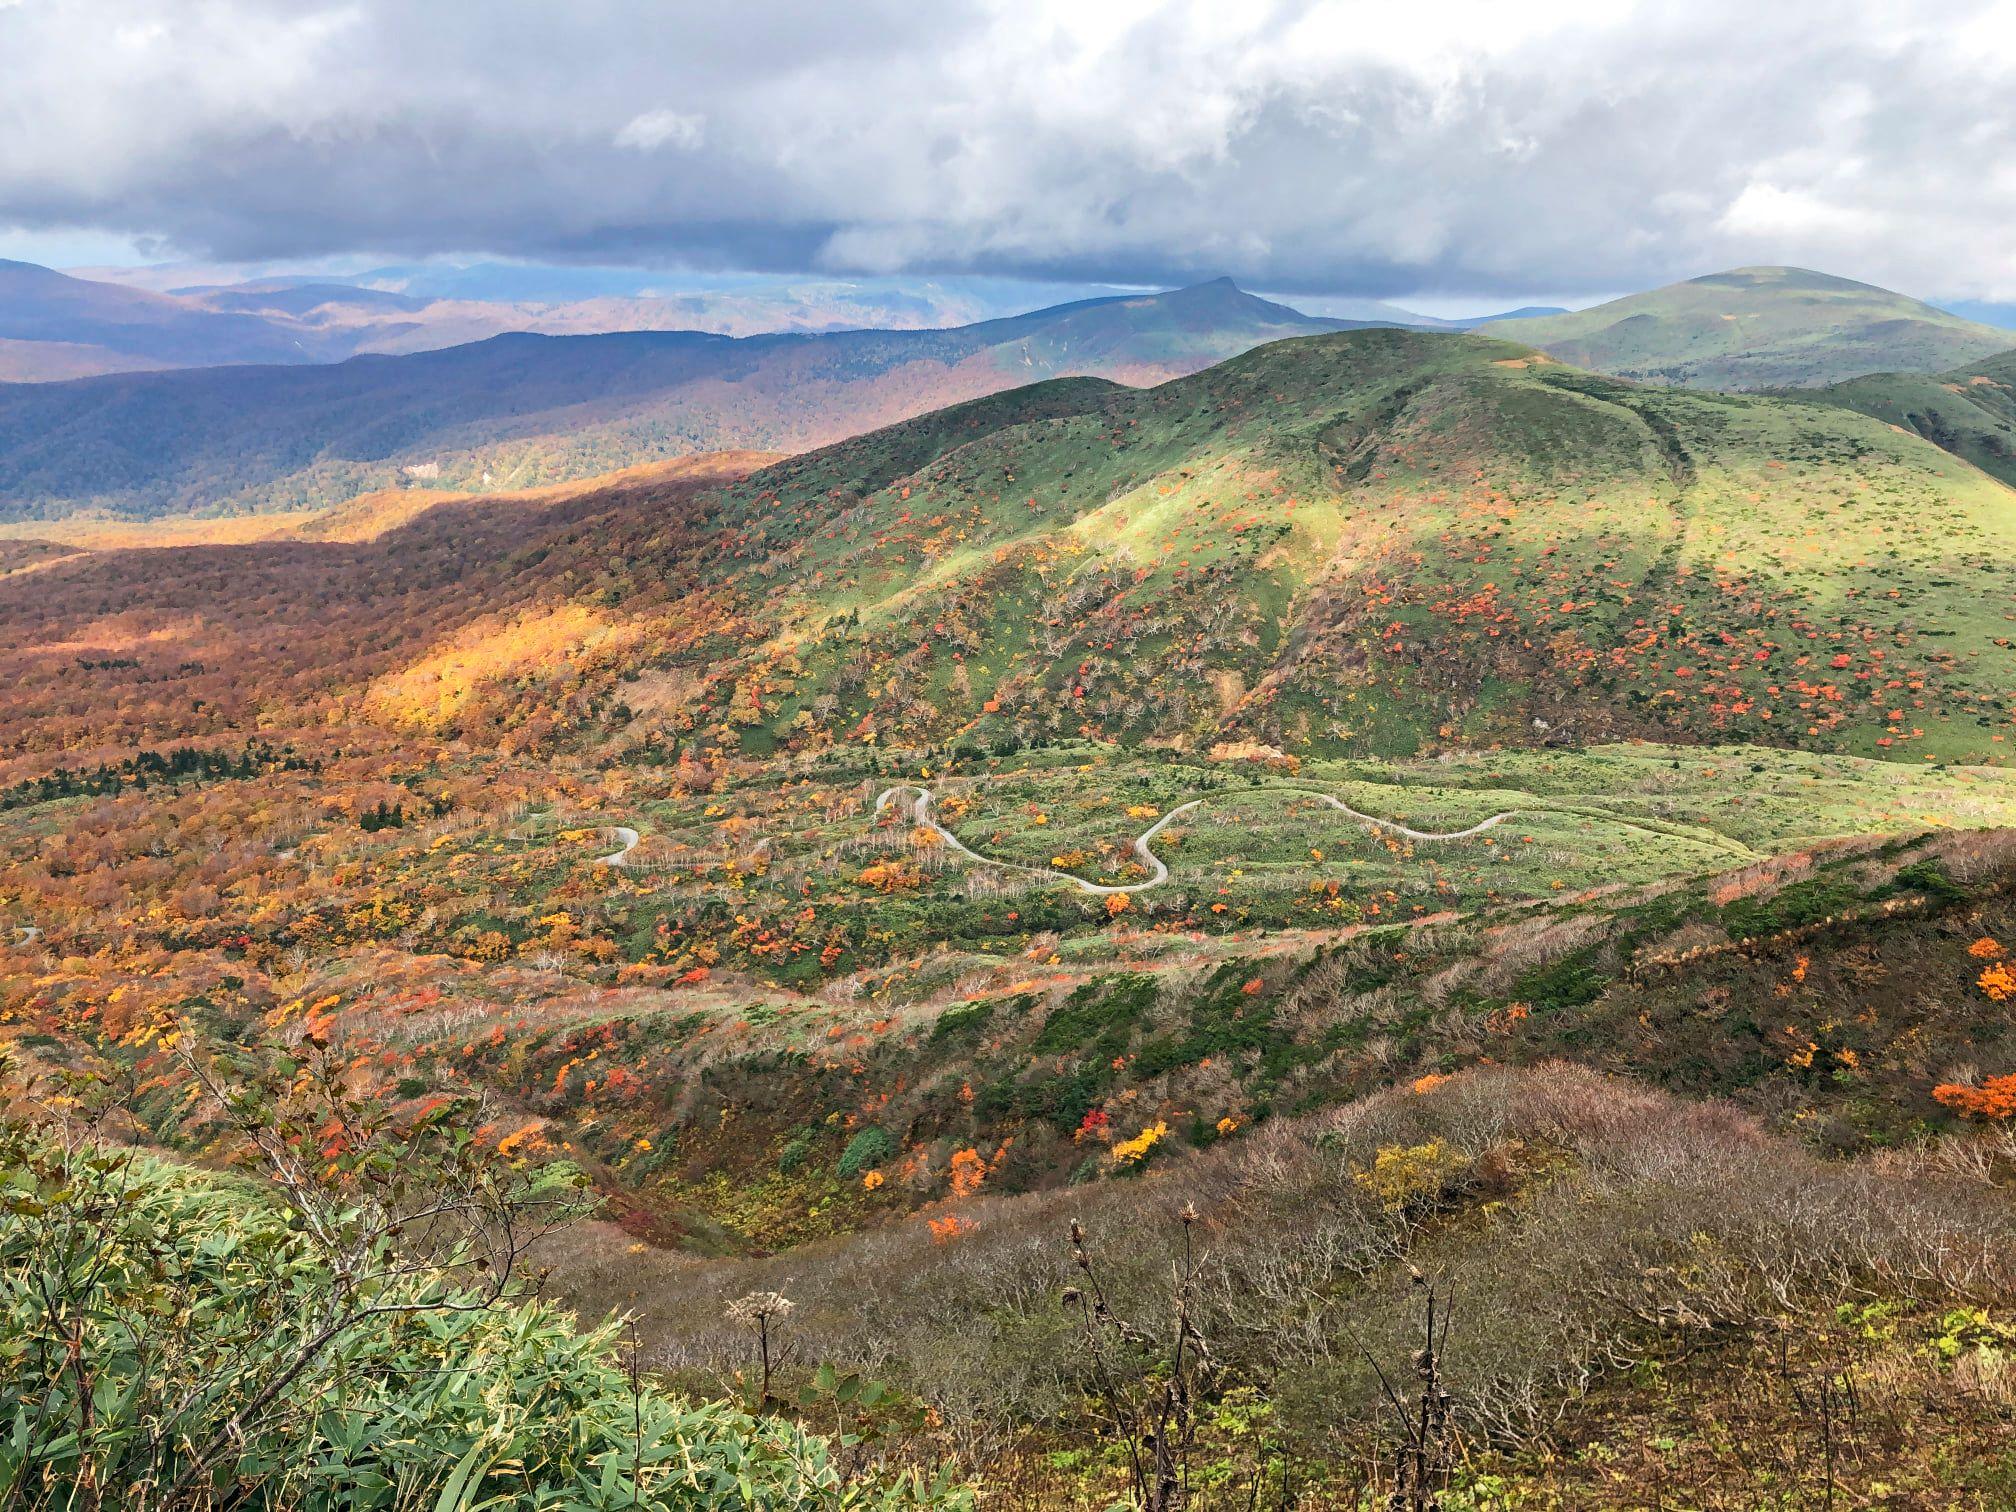 2020.10.13-14、森吉山・秋田駒ケ岳に行ってきました♪